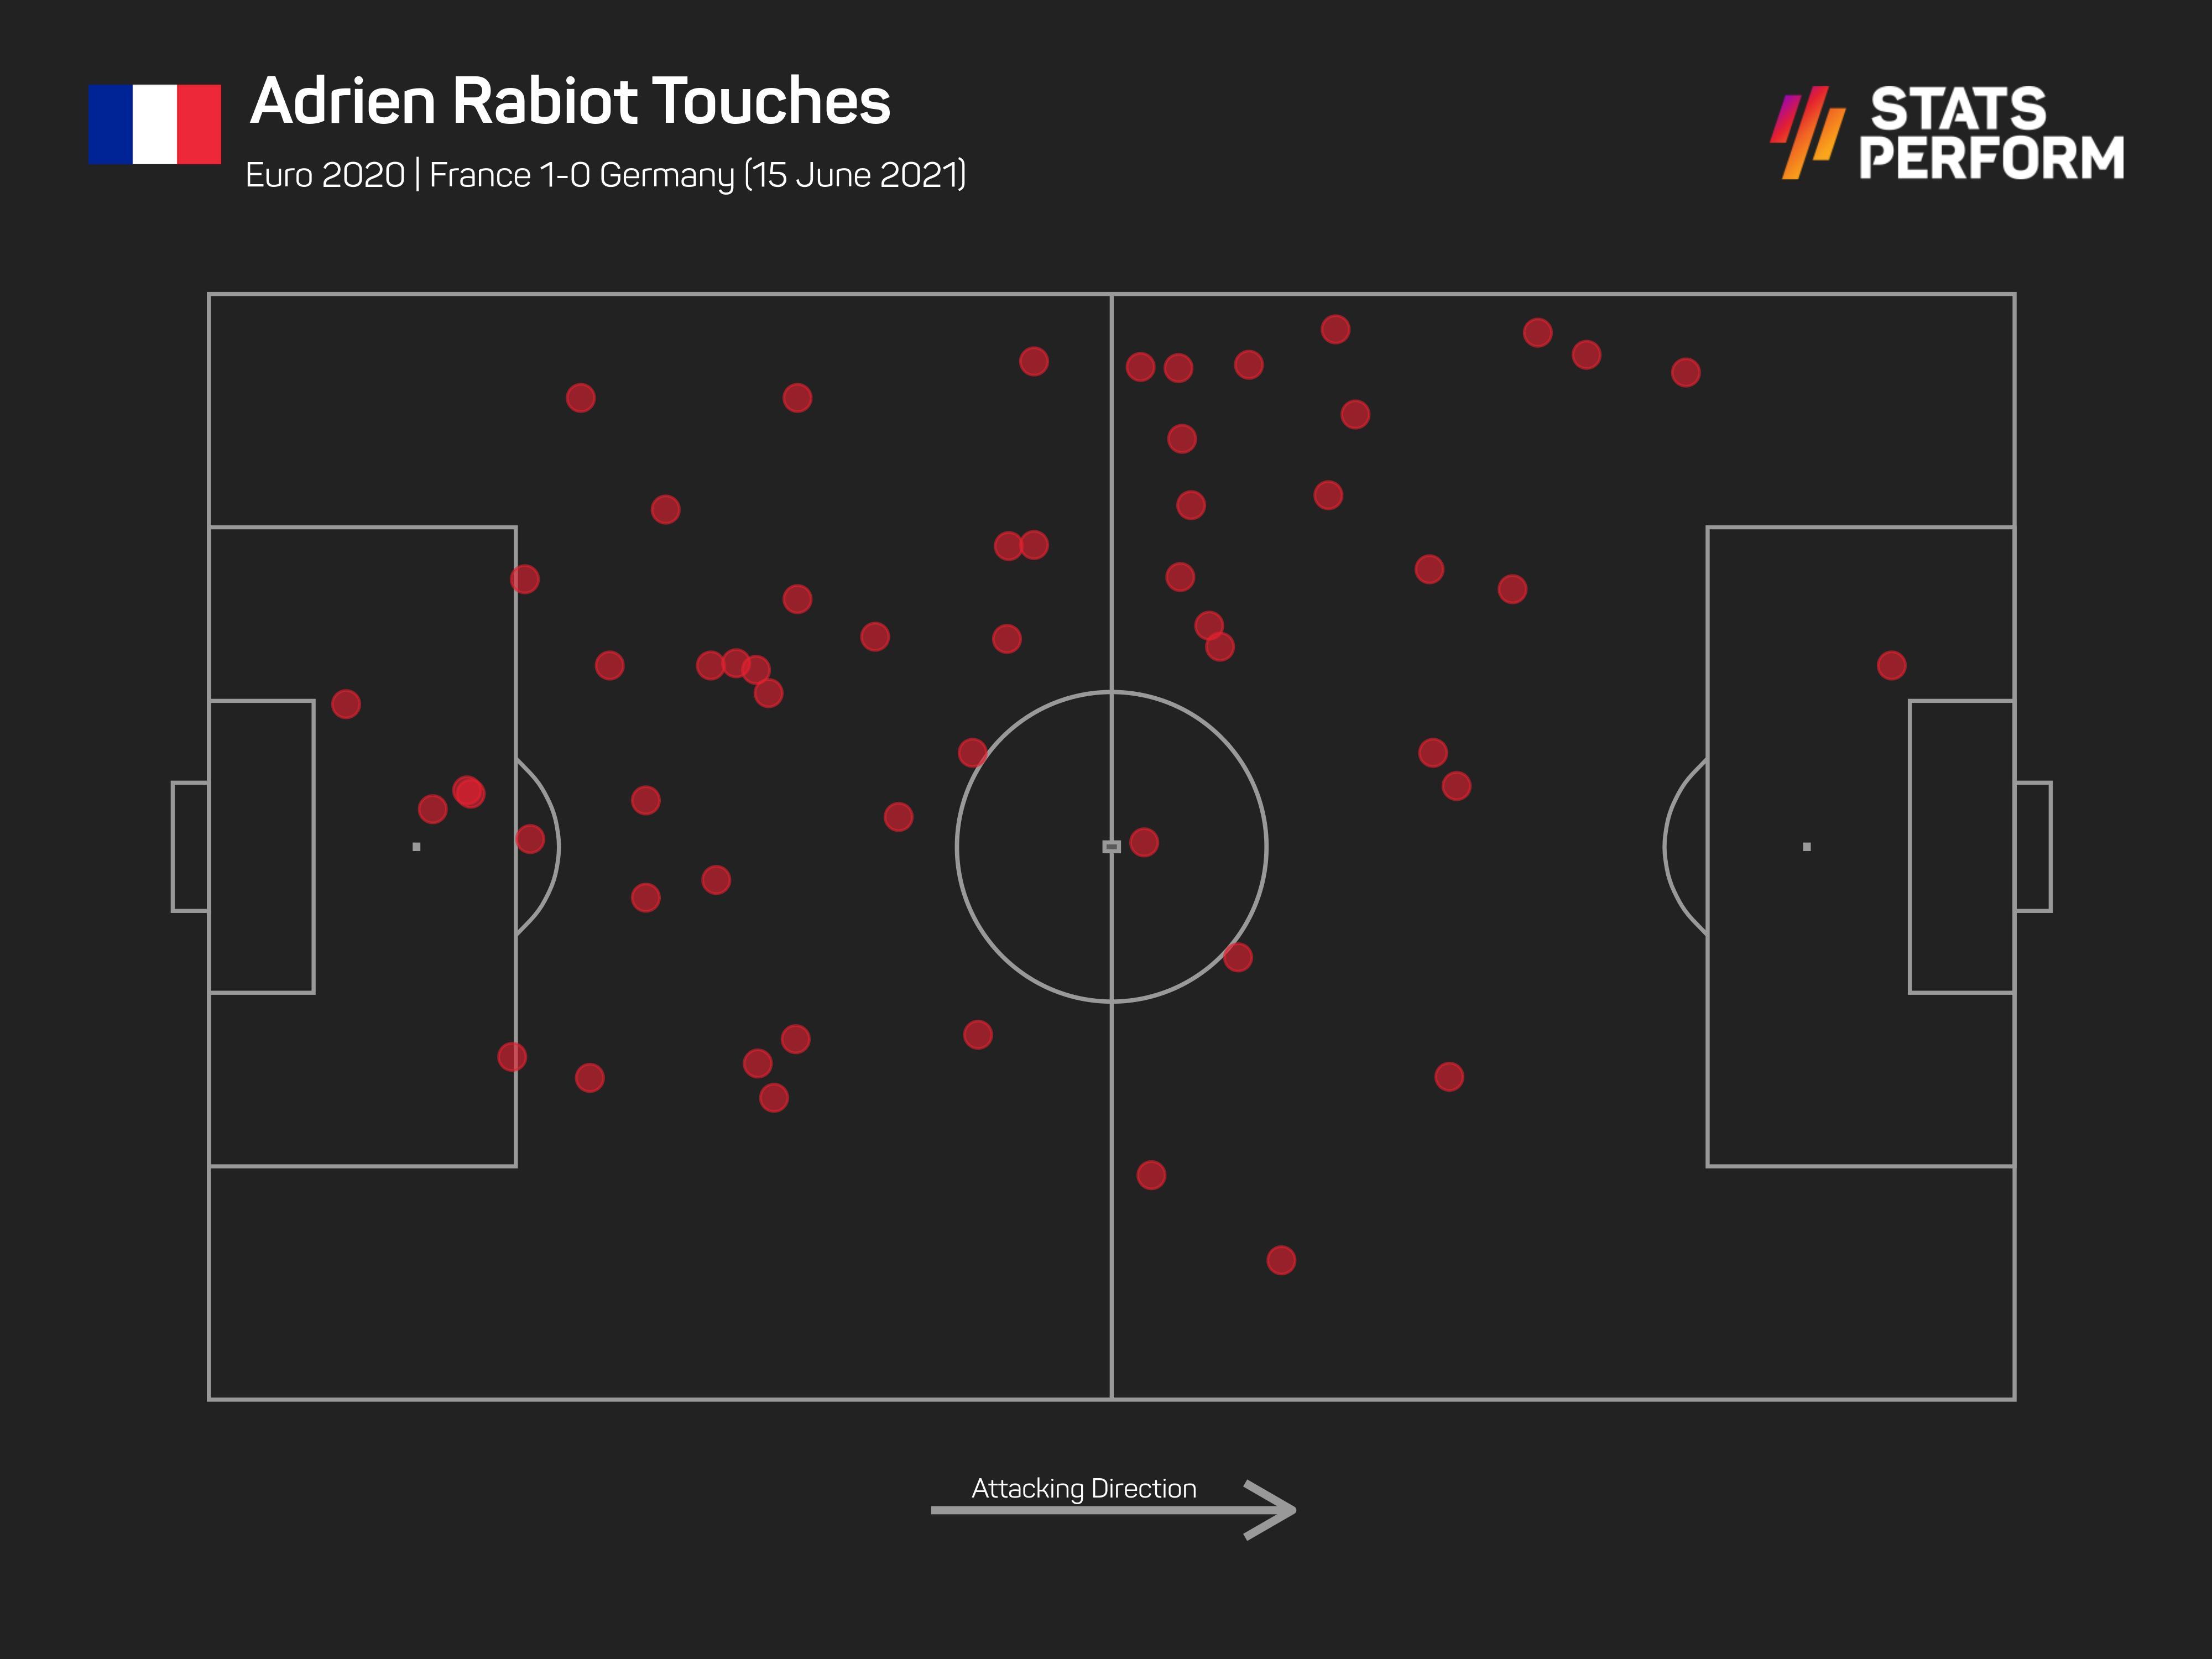 Adrien Rabiot v Germany